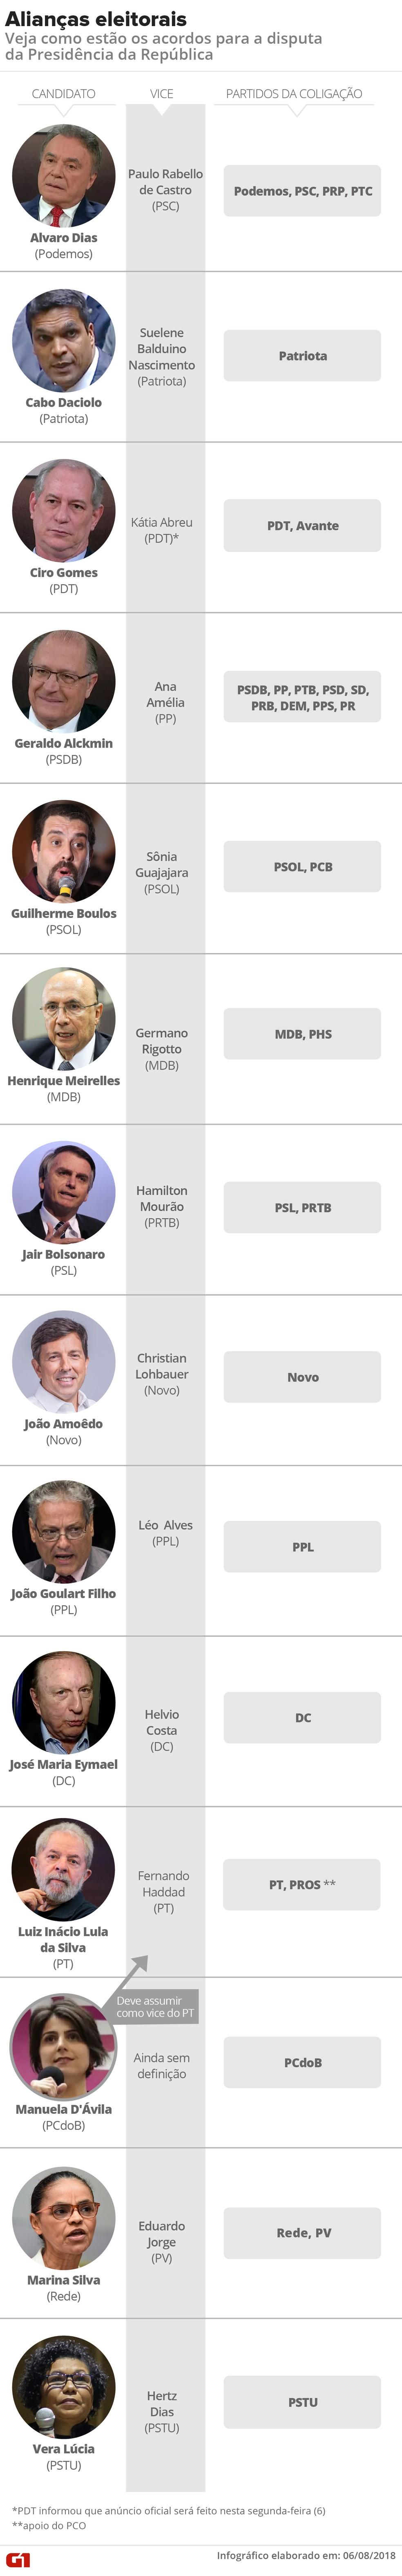 Veja como estão as alianças eleitorais para a disputa presidencial (Foto: Alexandre Mauro e Igor Estrella/G1)